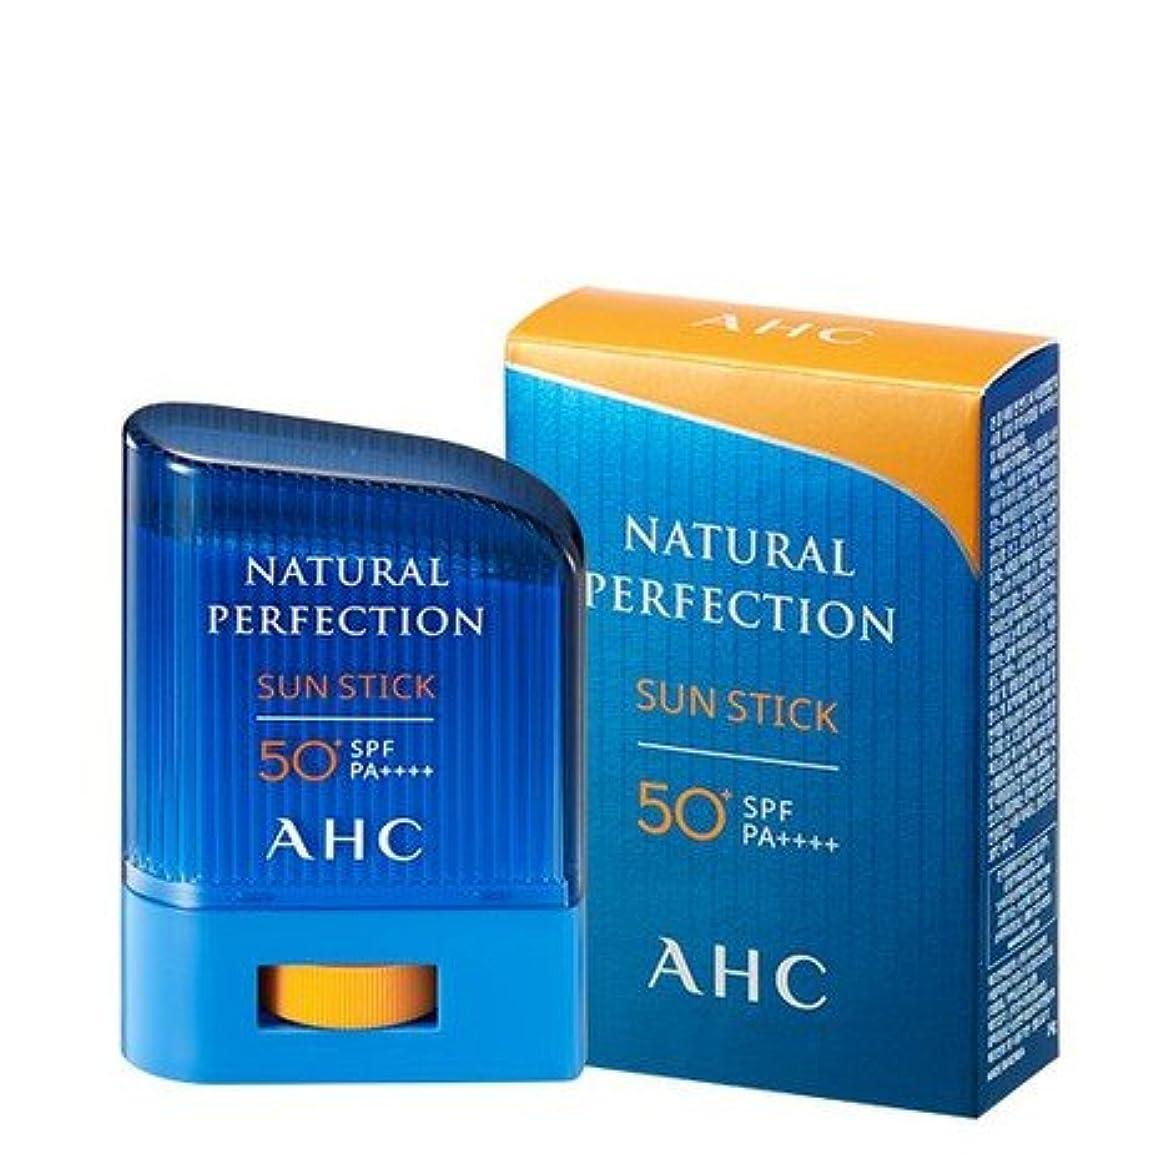 一般鍔先入観[Renewal 最新] AHCナチュラルパーフェクション線スティック / AHC NATURAL PERFECTION SUN STICK [SPF 50+ / PA ++++] [並行輸入品] (22g)